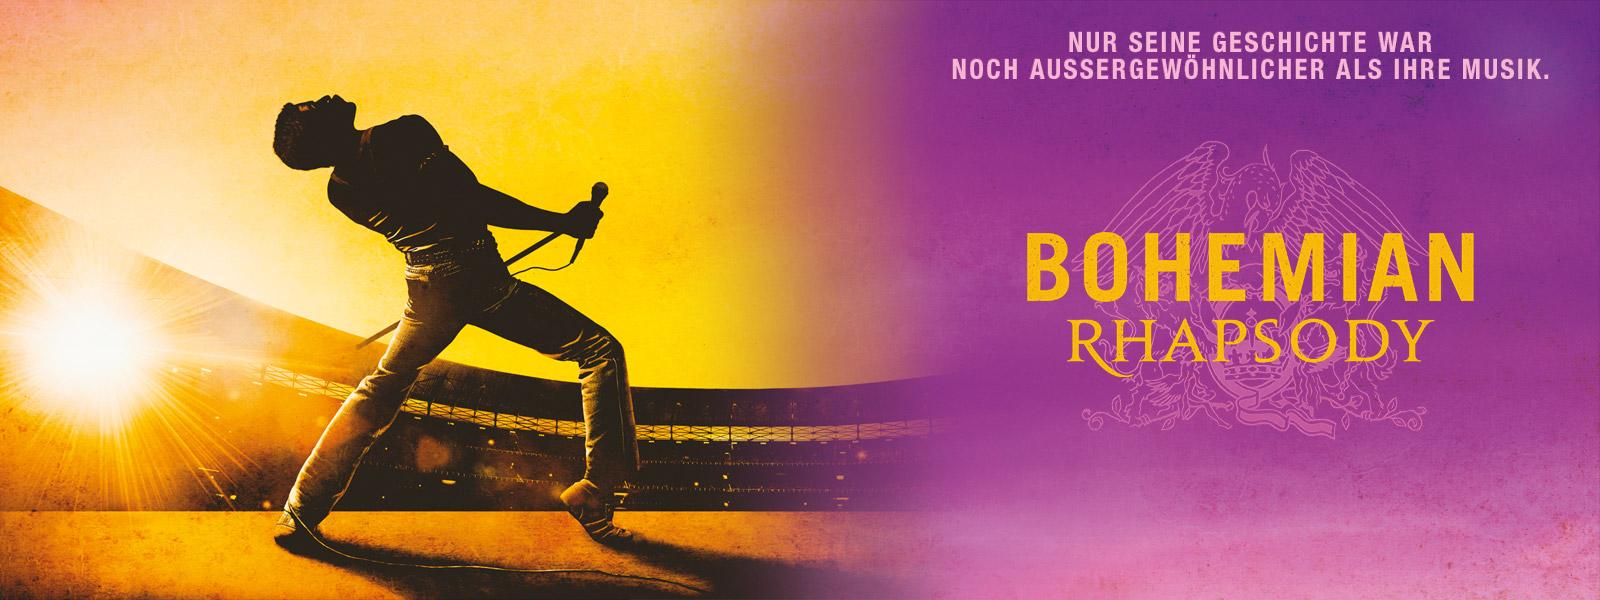 Vierfach Oskar prämiert und endlich als DVD und Blu-ray erhältlich: Bohemian Rhapsody (Quelle: www.fox.de)